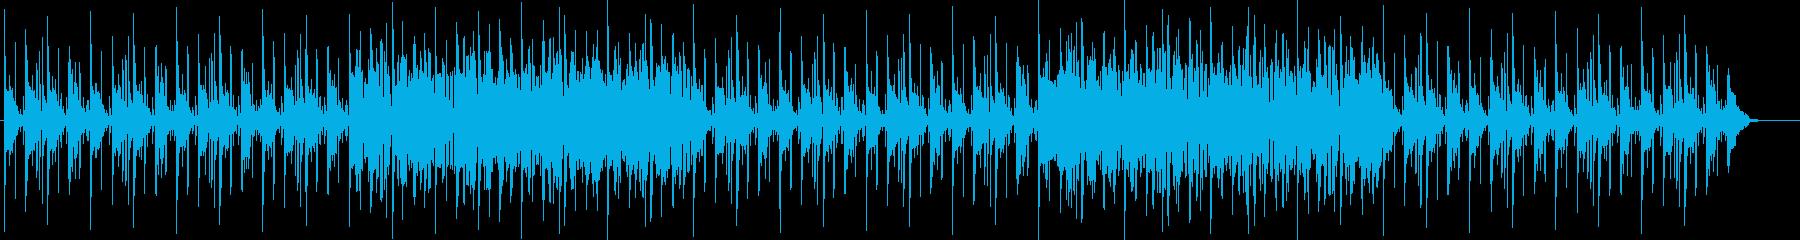 個性的なシンセのリズムある曲の再生済みの波形